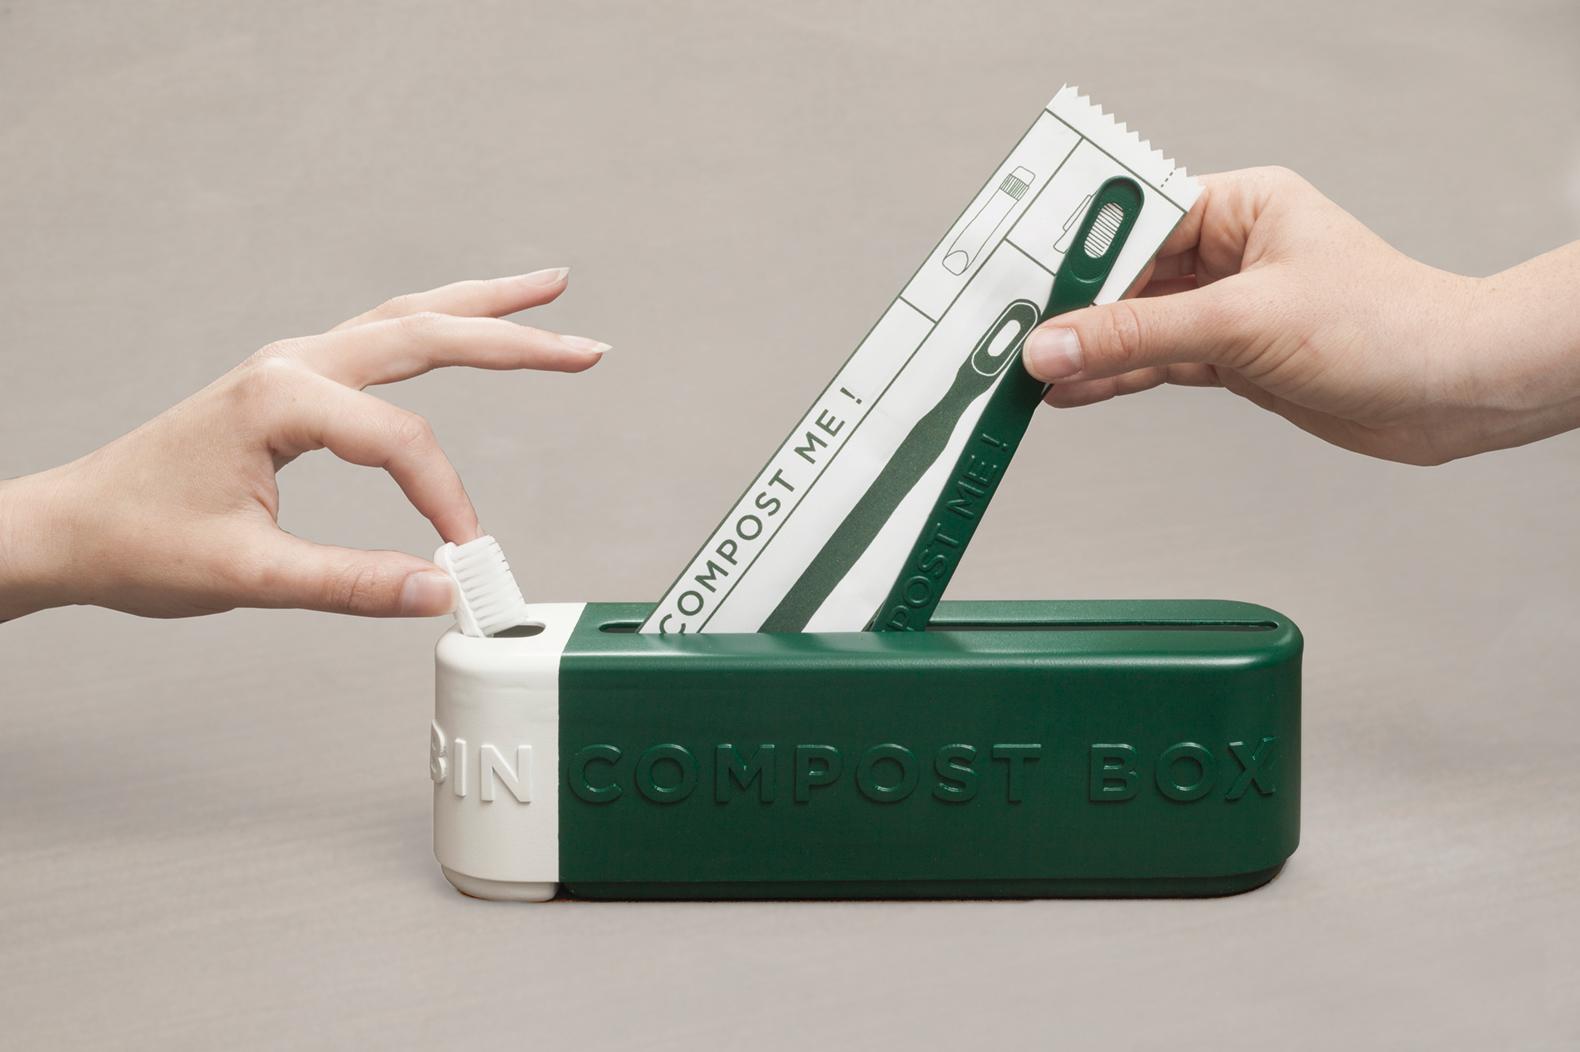 Einwegprodukte selbst entsorgen - die Green Box erklärt auch Zusammenhänge. (Foto: OnMateria)